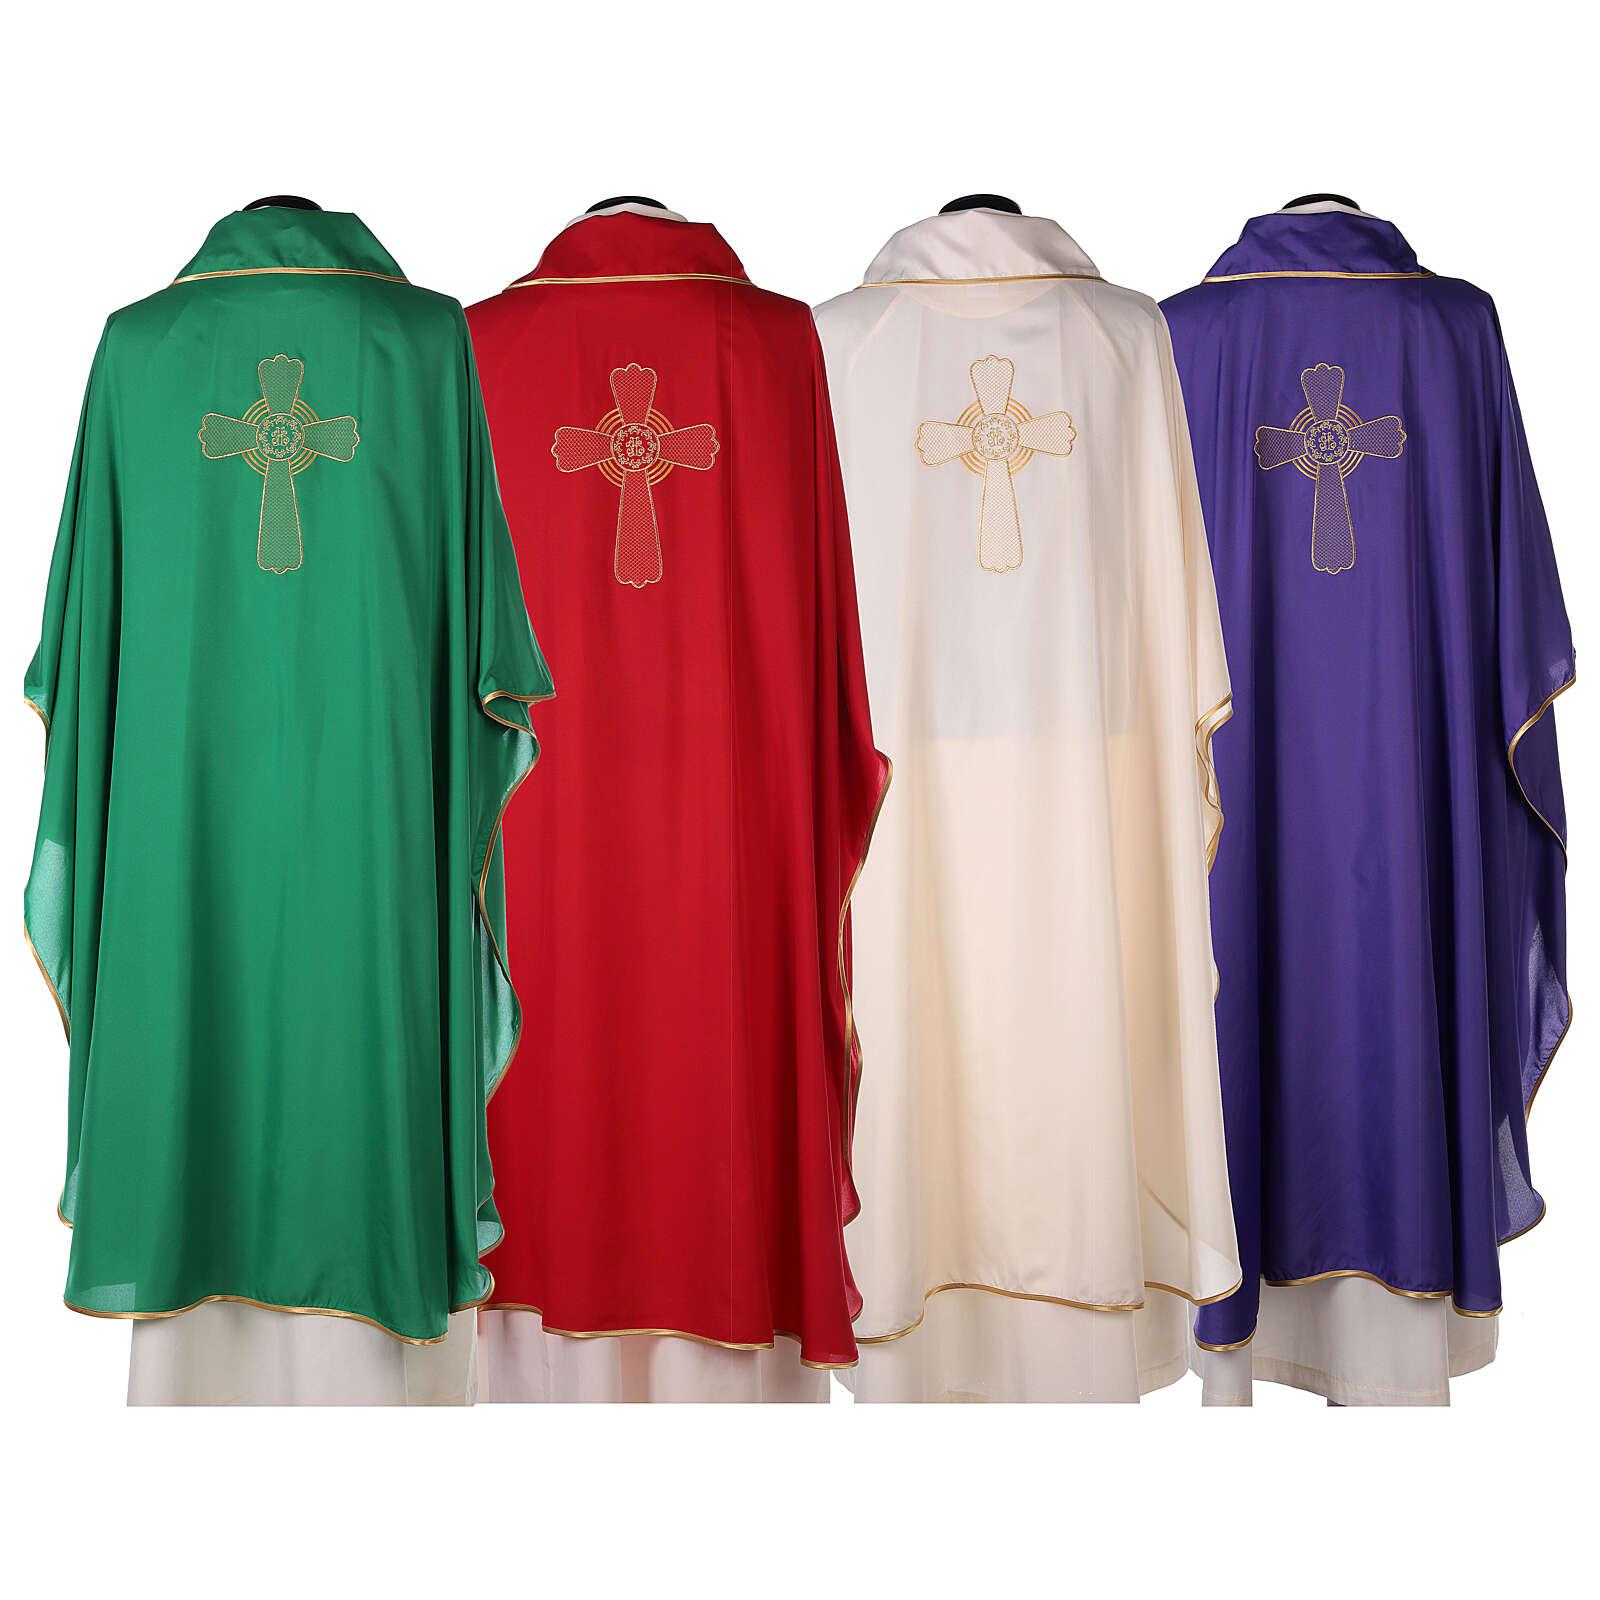 Kasel aus ultraleichtem Polyester, 4 Farben, mit Stickerei verziertes Kreuz, SONDERANGEBOT 4